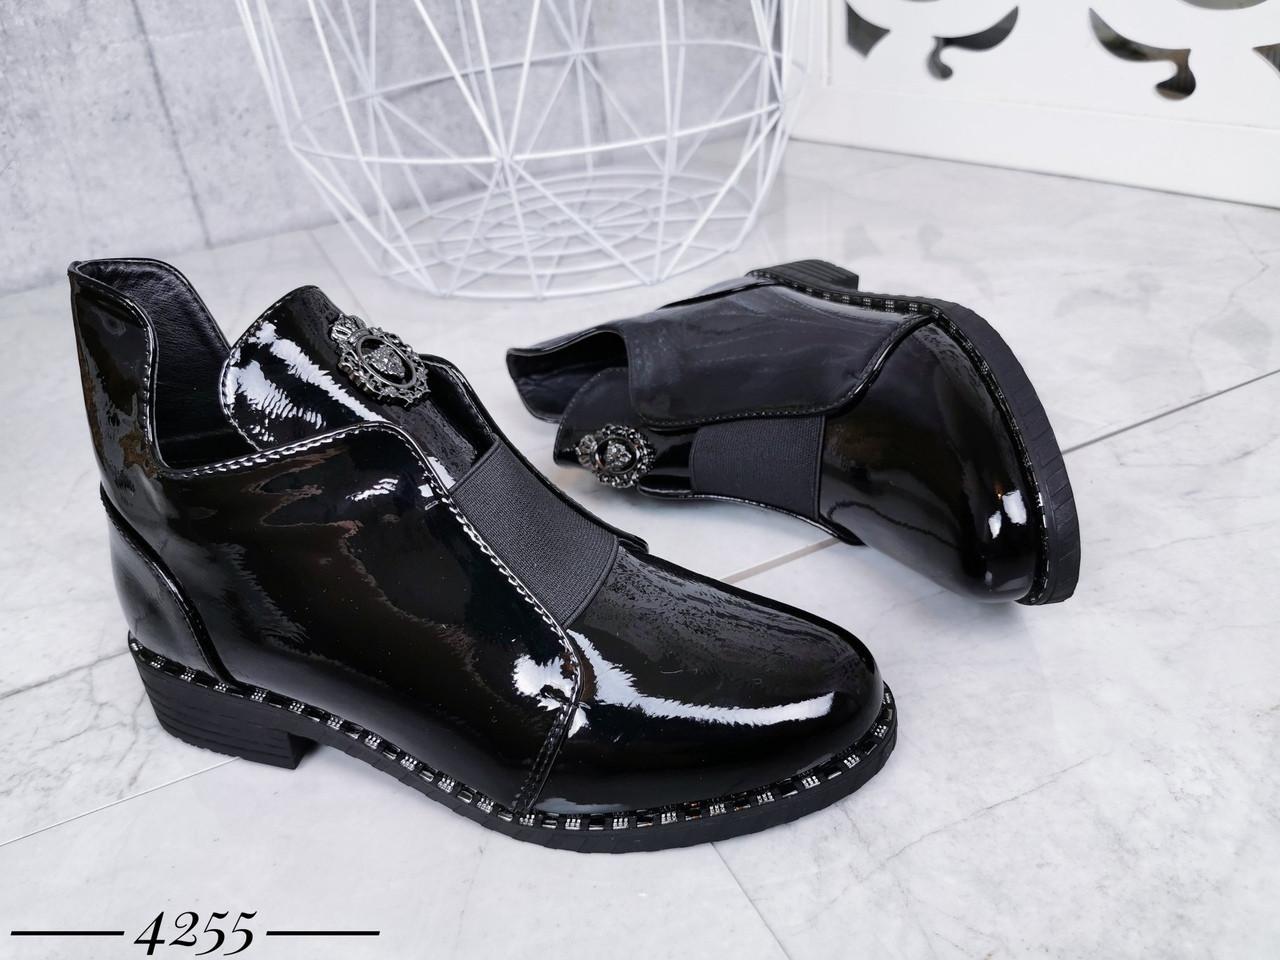 Демисезонные женские ботинки черного цвета, эко кожа лак 41 ПОСЛЕДНИЕ РАЗМЕРЫ